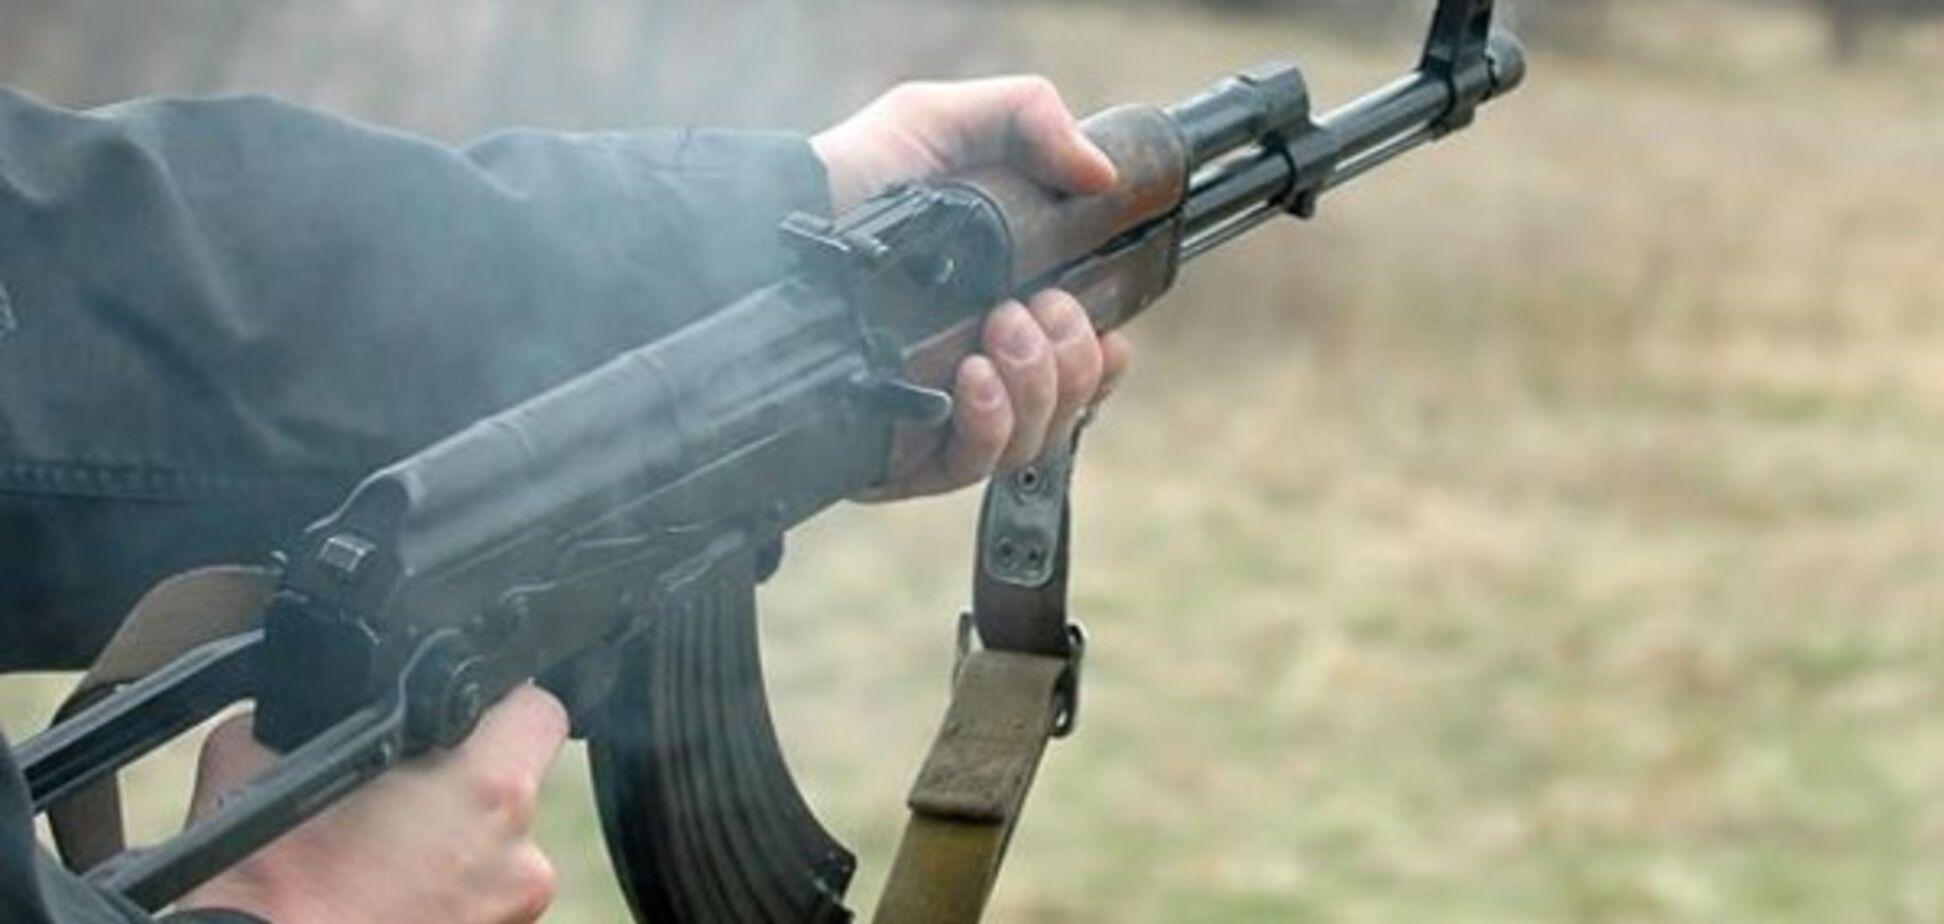 В одній із військових частин у зоні АТО військовослужбовець застрелив свого товариша по службі